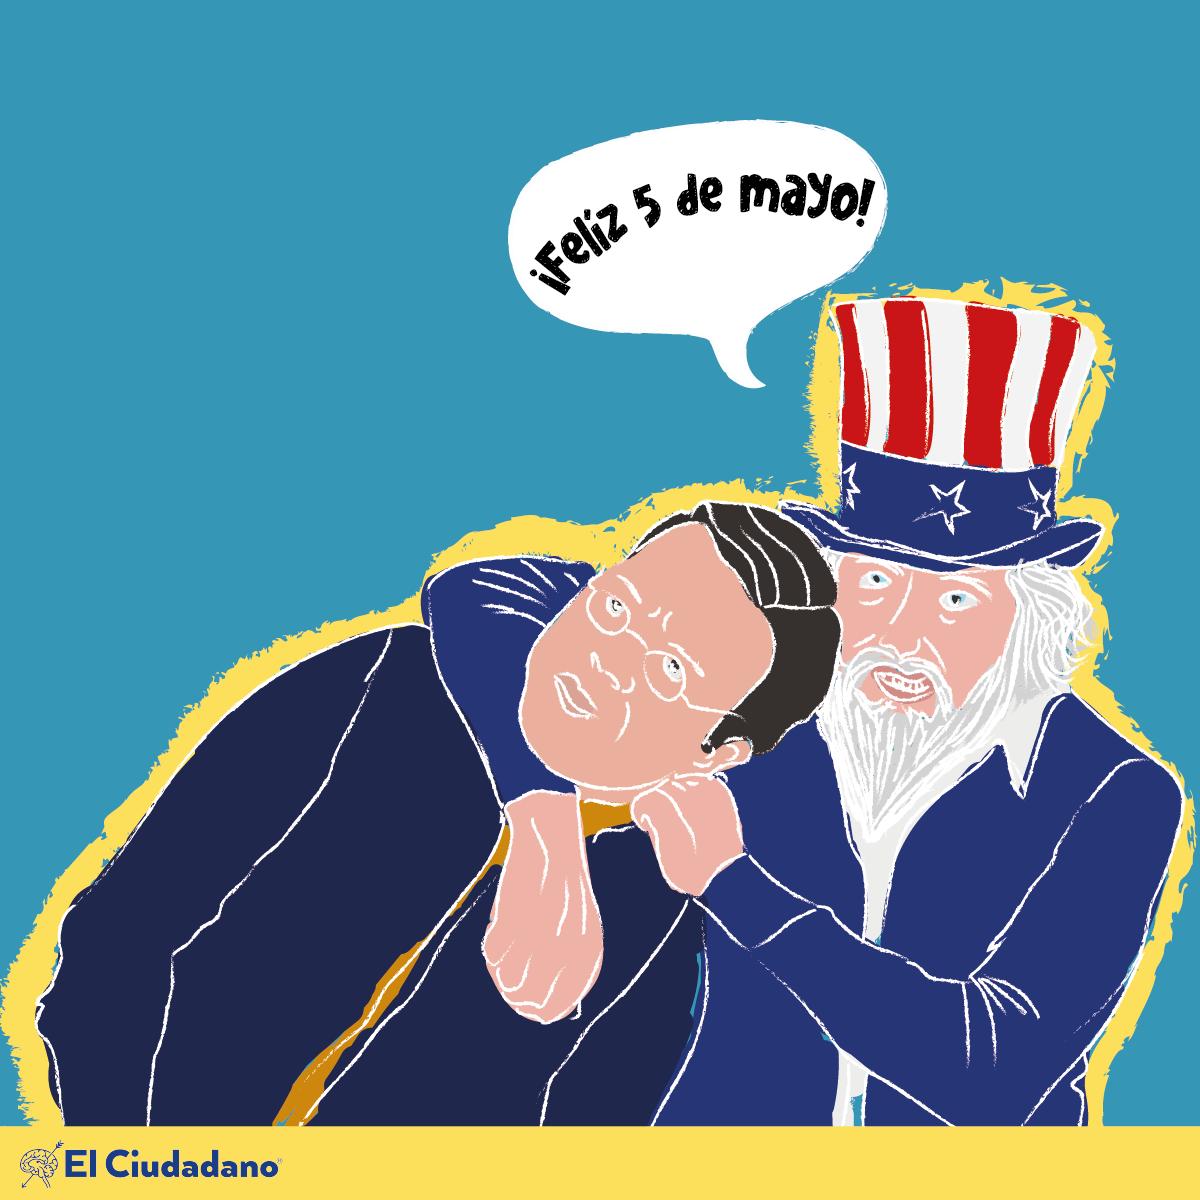 El singular enigma de la euforia estadounidense por el 5 de mayo